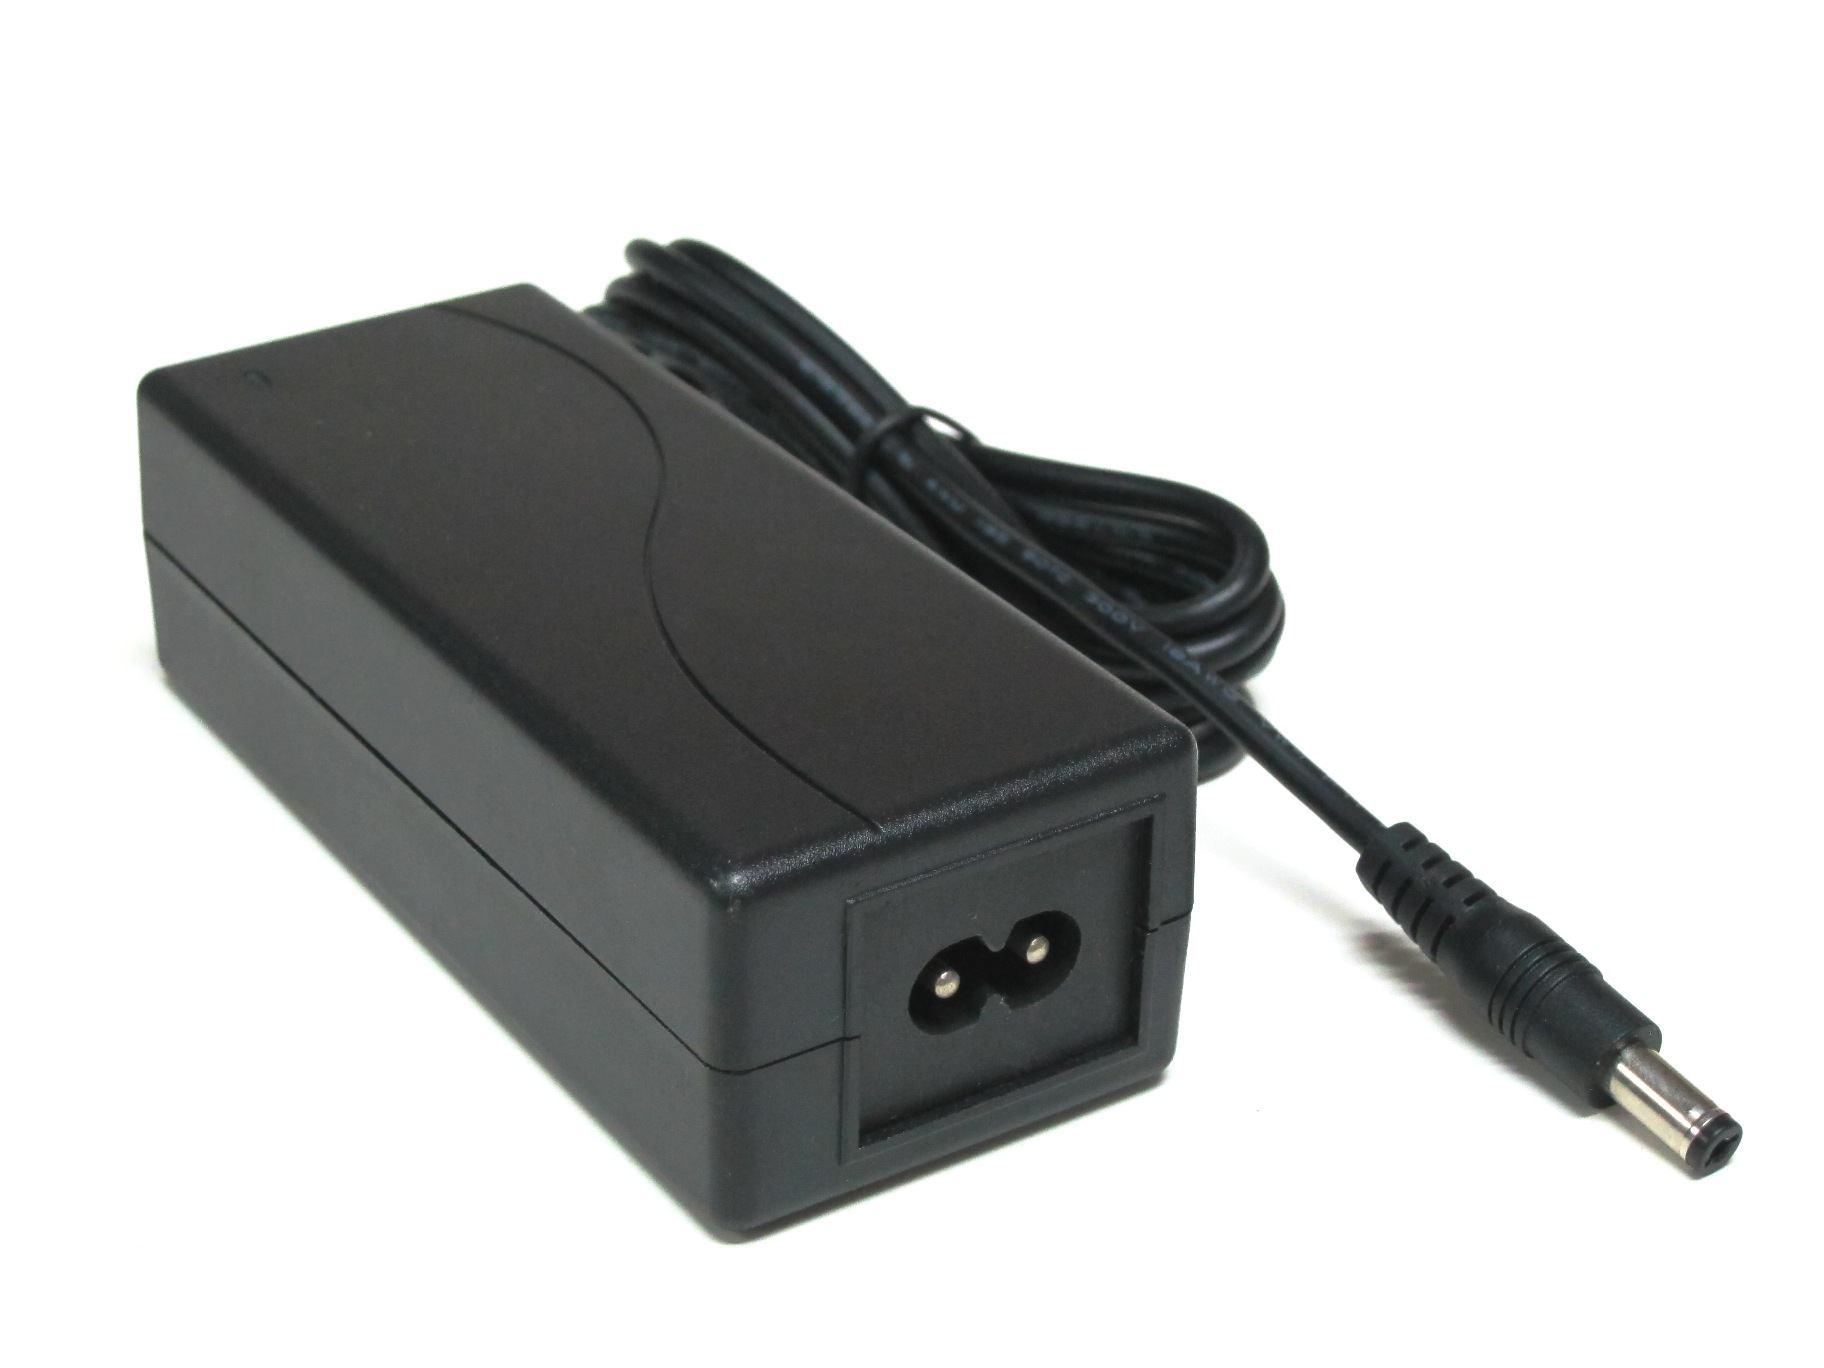 2022026-Acer-25-LWYM1-001-adattatore-e-invertitore-Interno-65-W-Nero-AC-ADAPTER